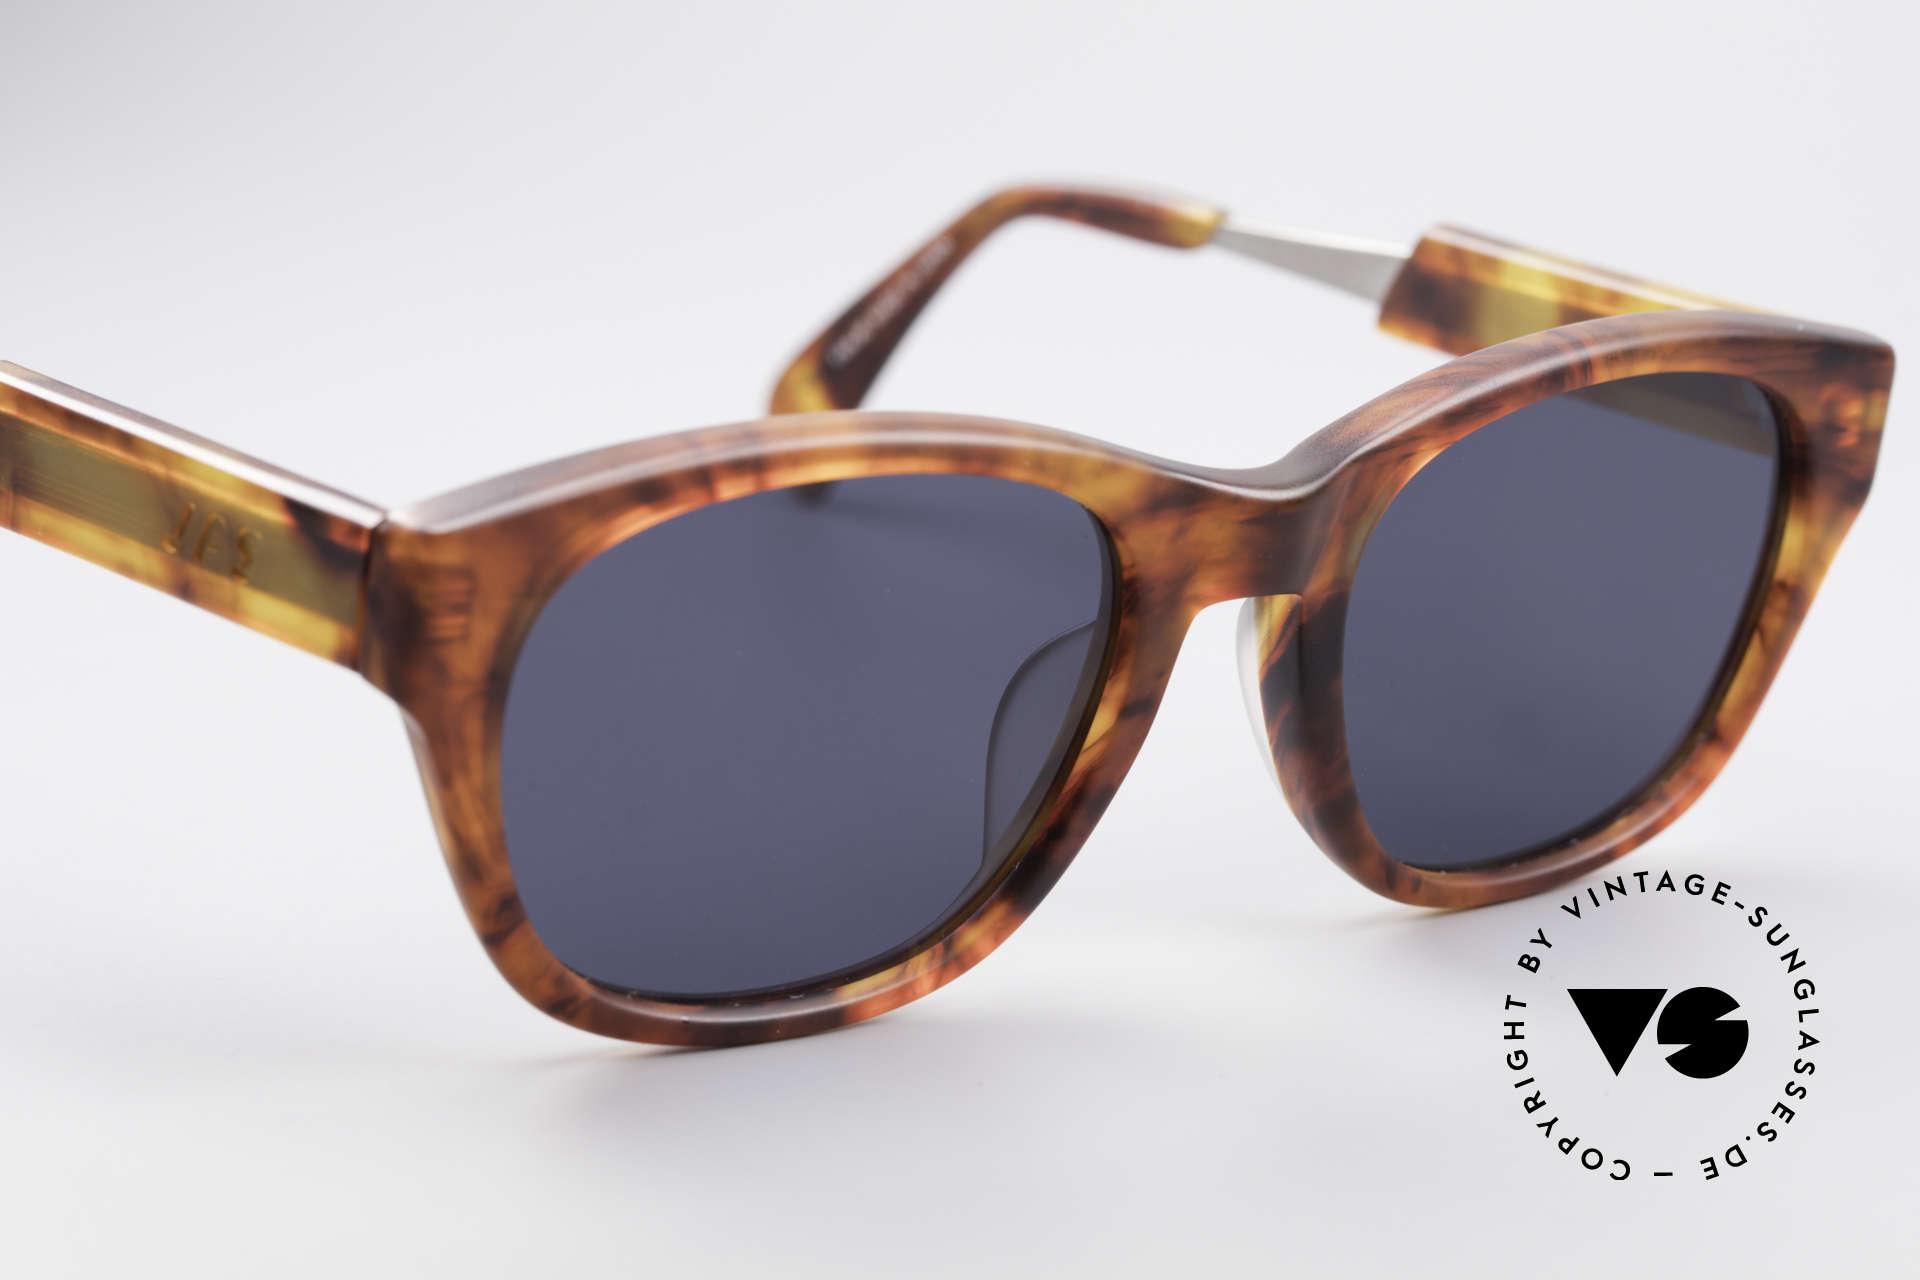 Jean Paul Gaultier 56-1071 90's Designer Sunglasses, NO RETRO specs, but a rare ORIGINAL from 1995/96, Made for Men and Women